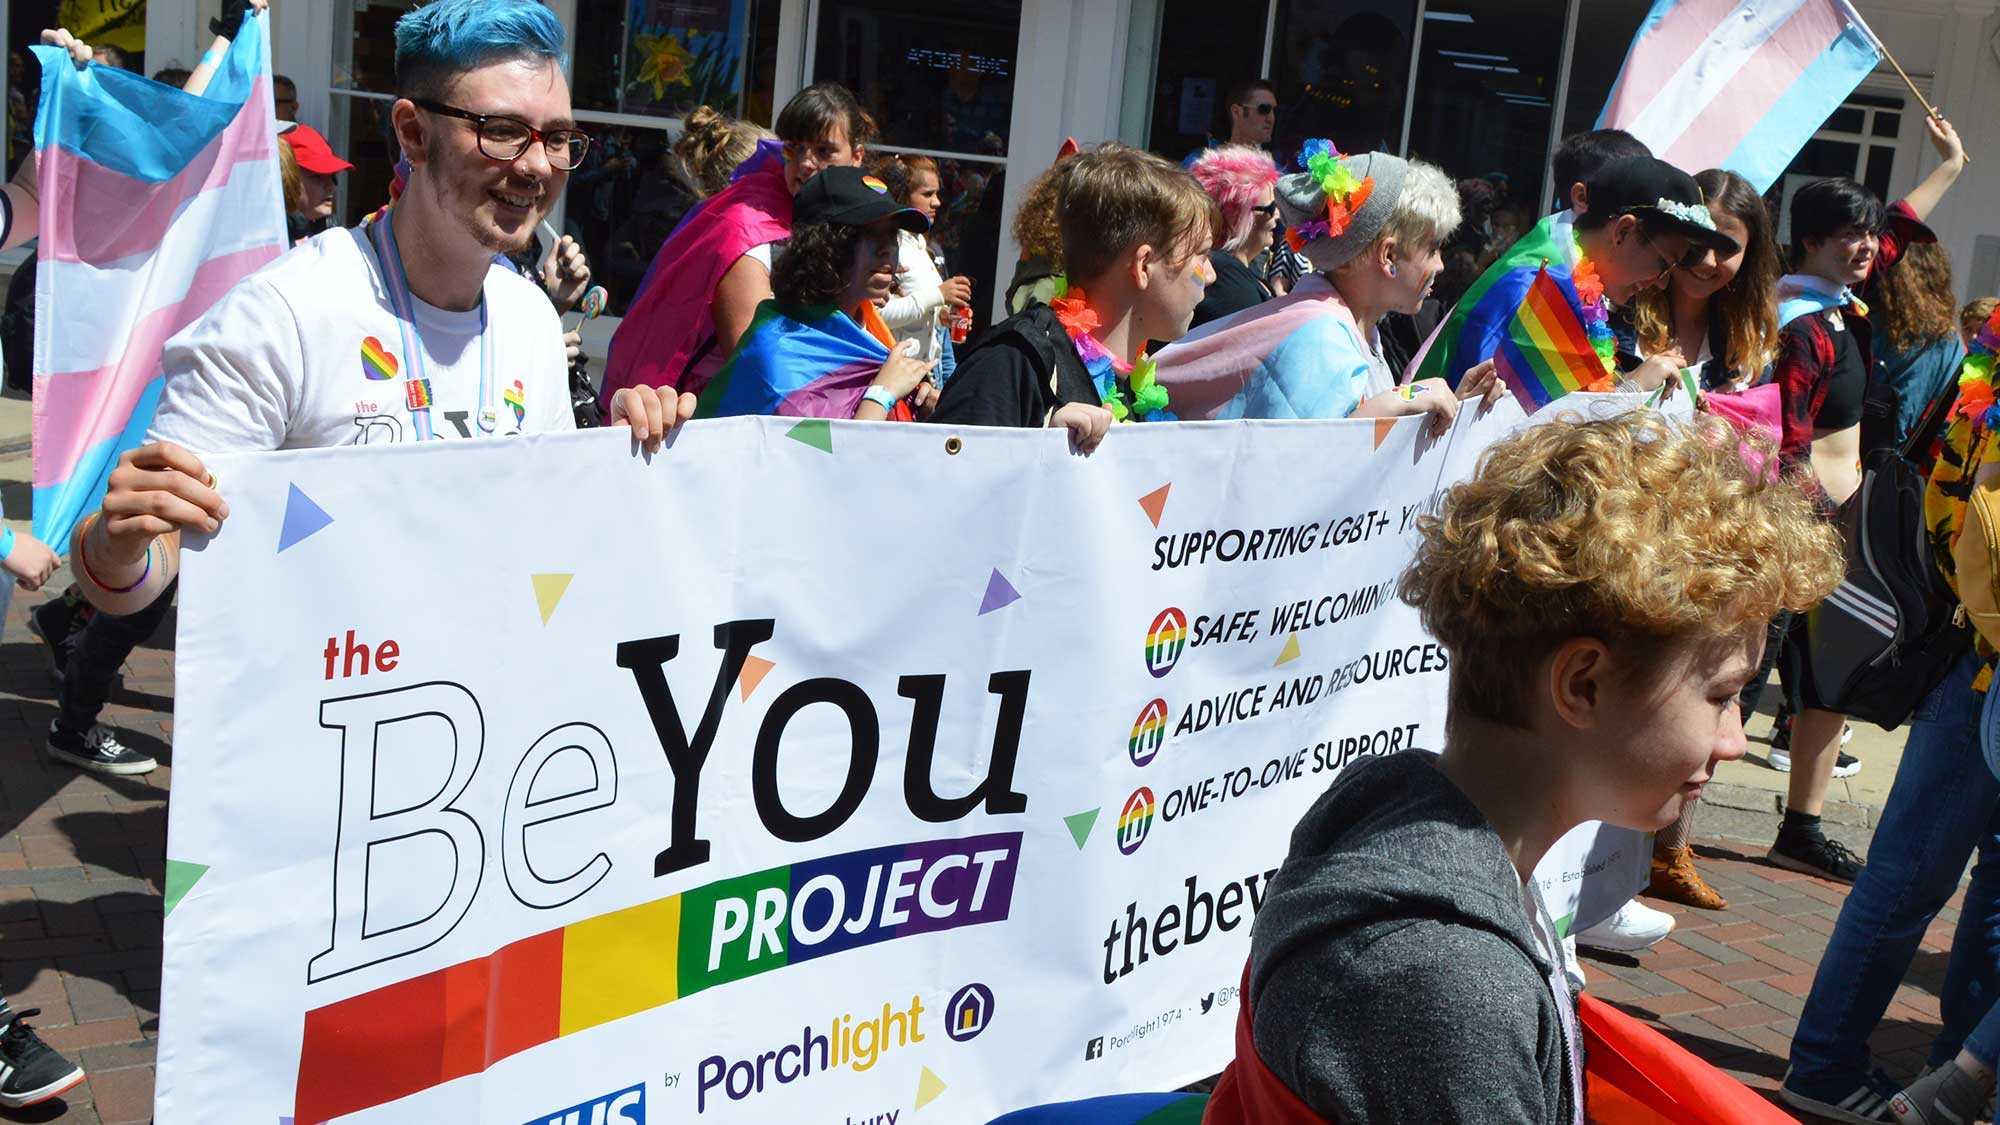 BeYou-at-Pride-2019.jpg